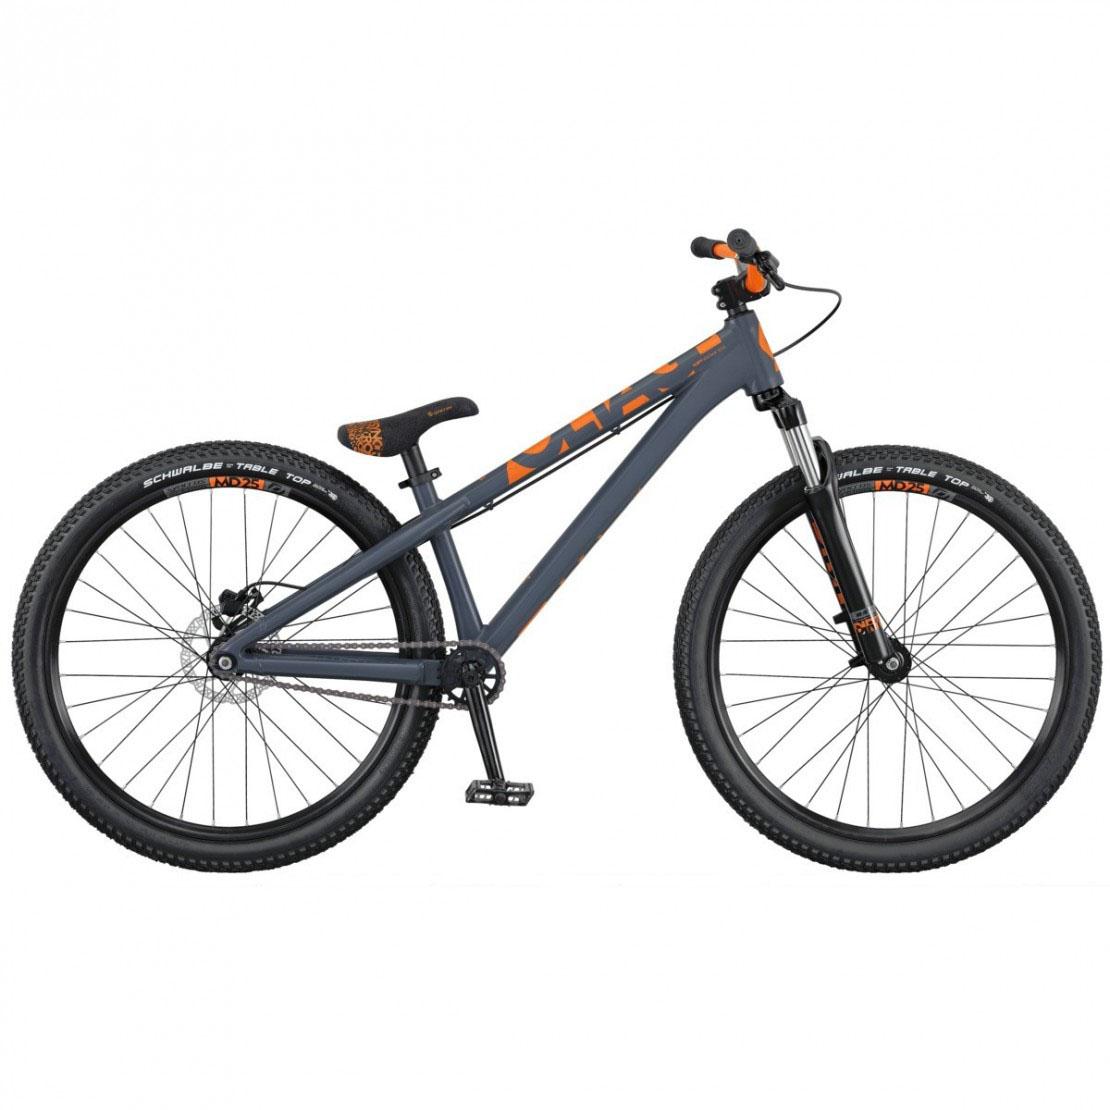 Scott Voltage YZ 0.2 2016 Dirt and Jump Bike